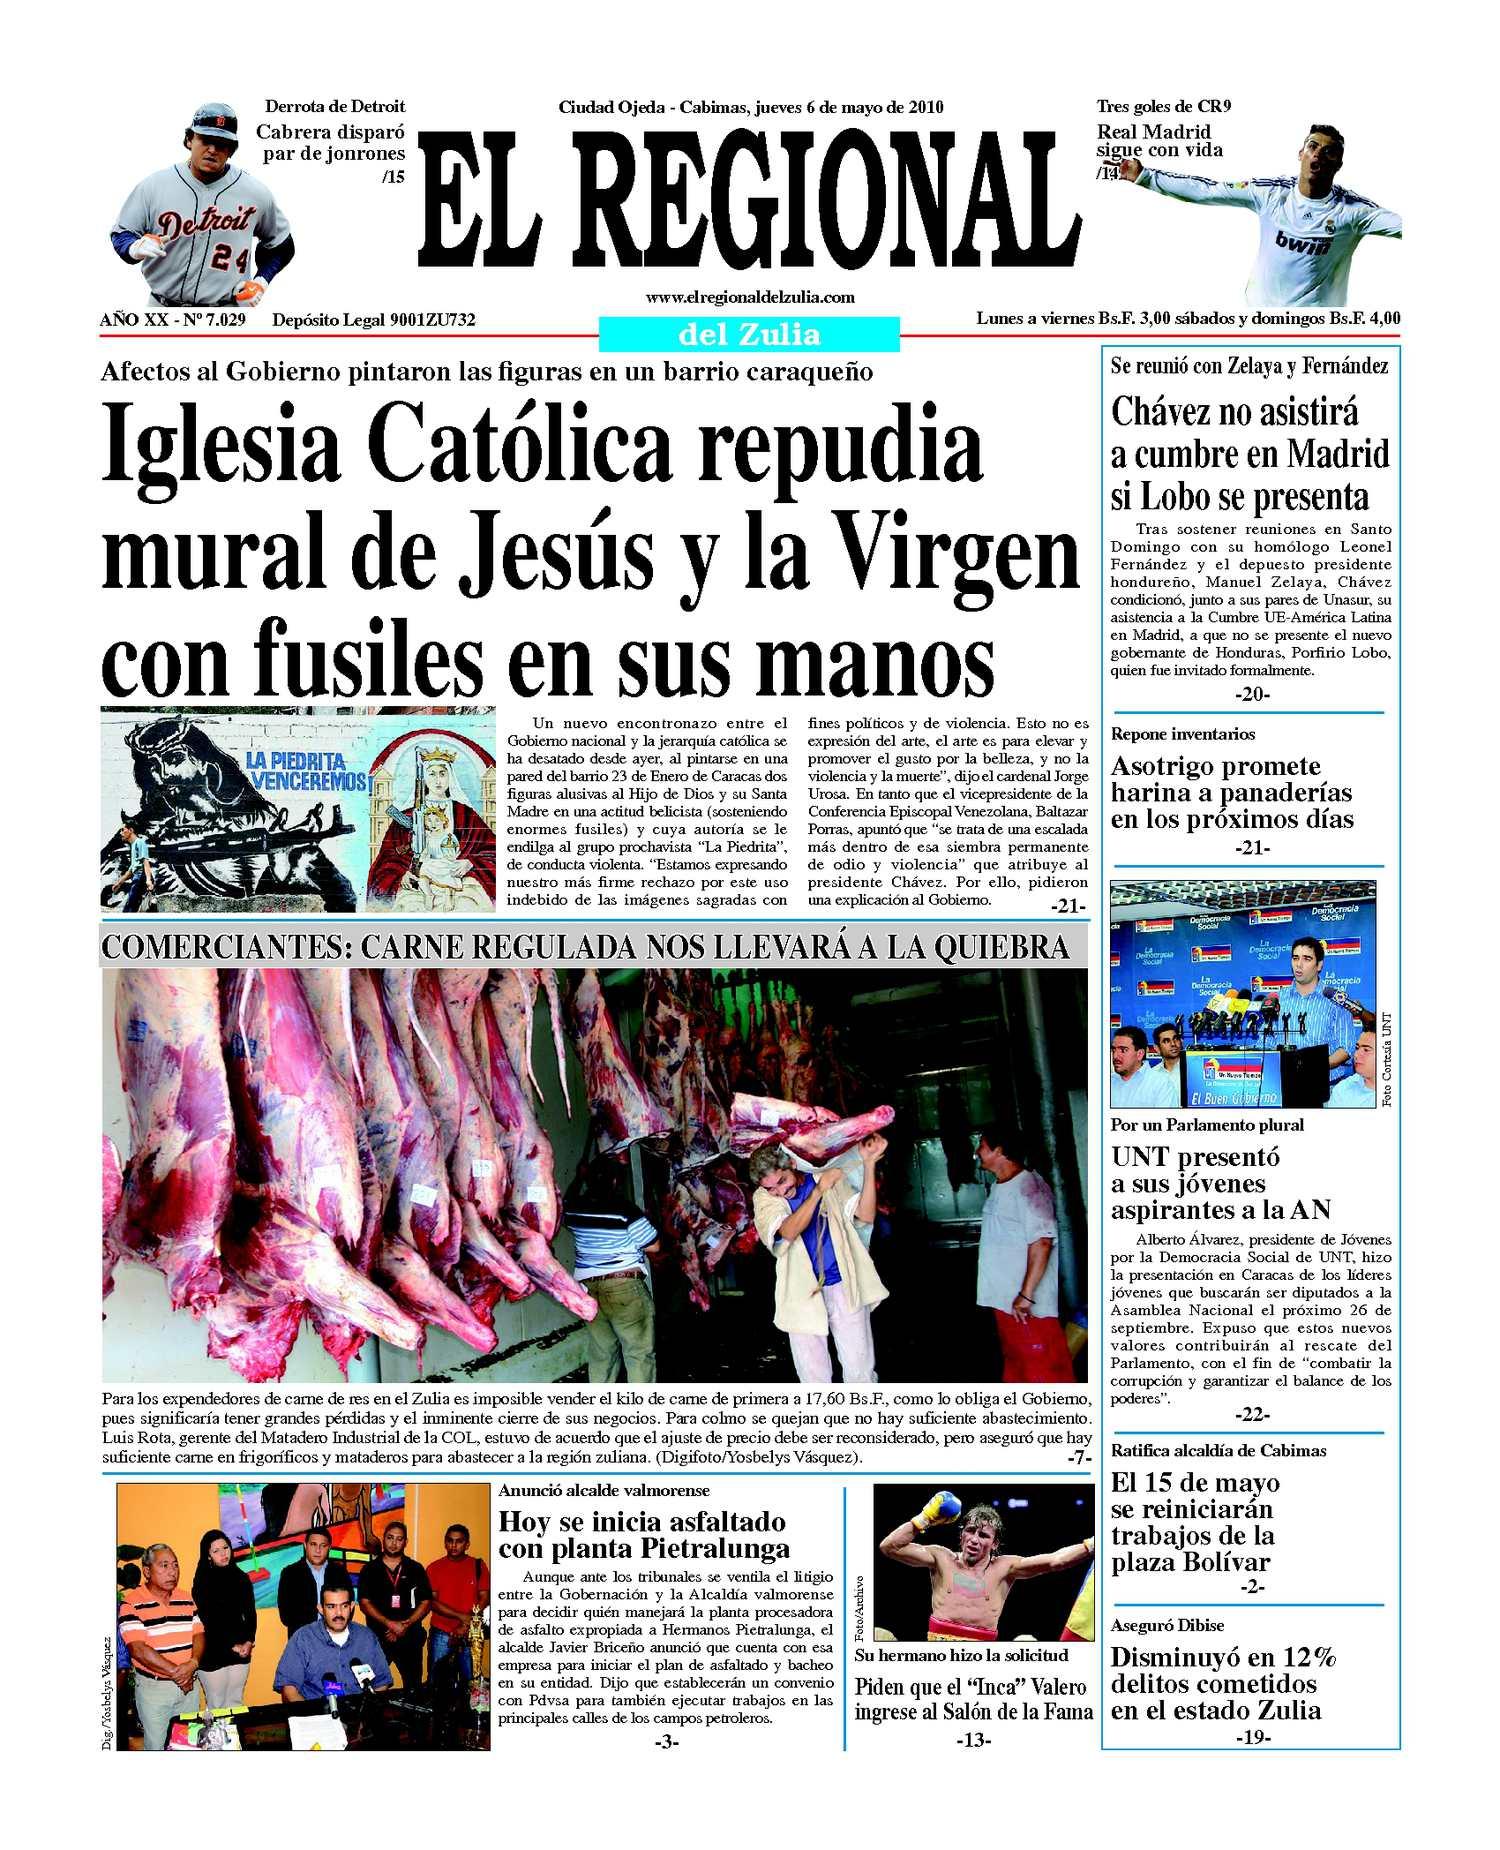 El Regional del Zulia | 06-05-2010